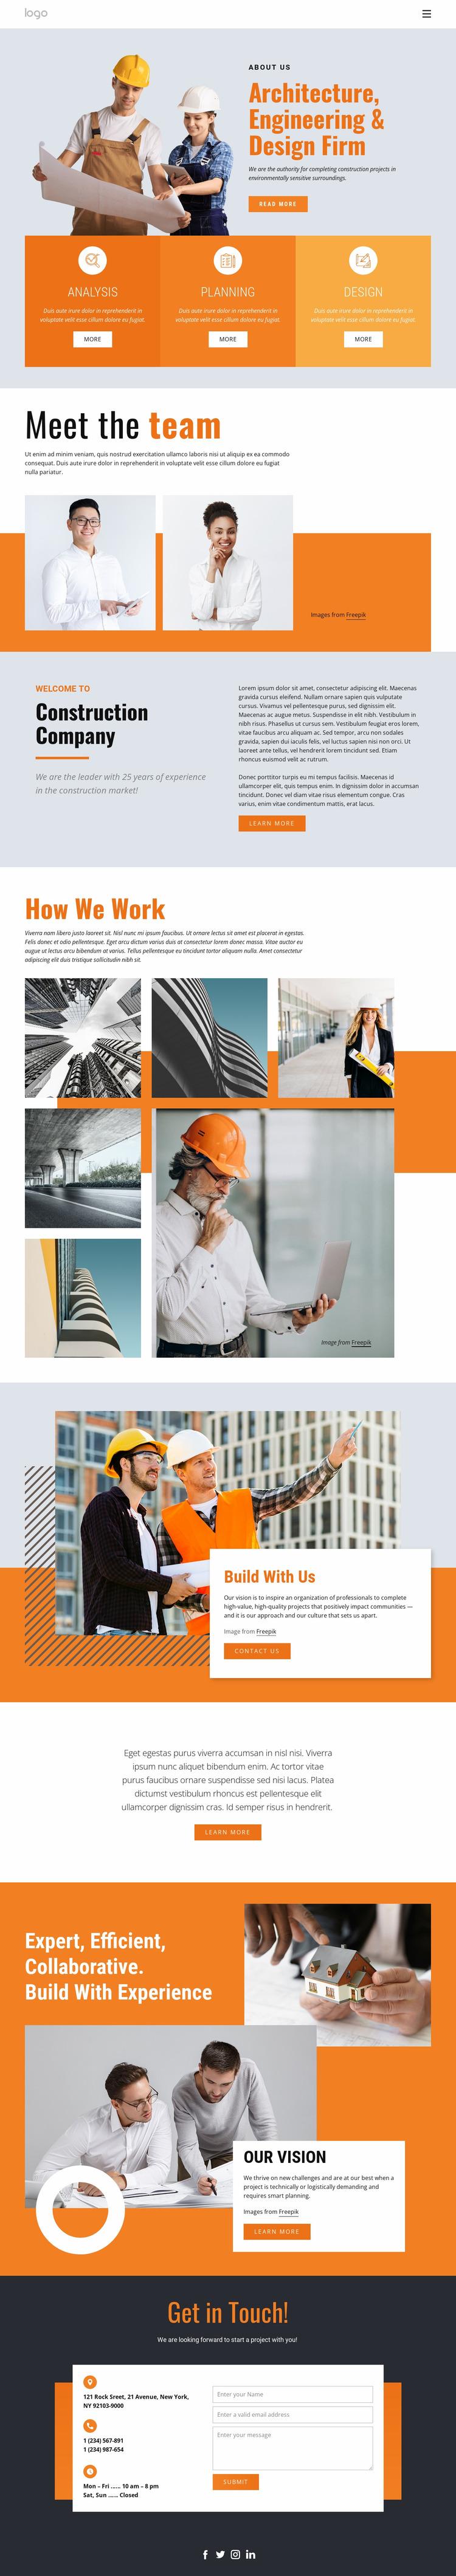 Engineering firm Website Mockup